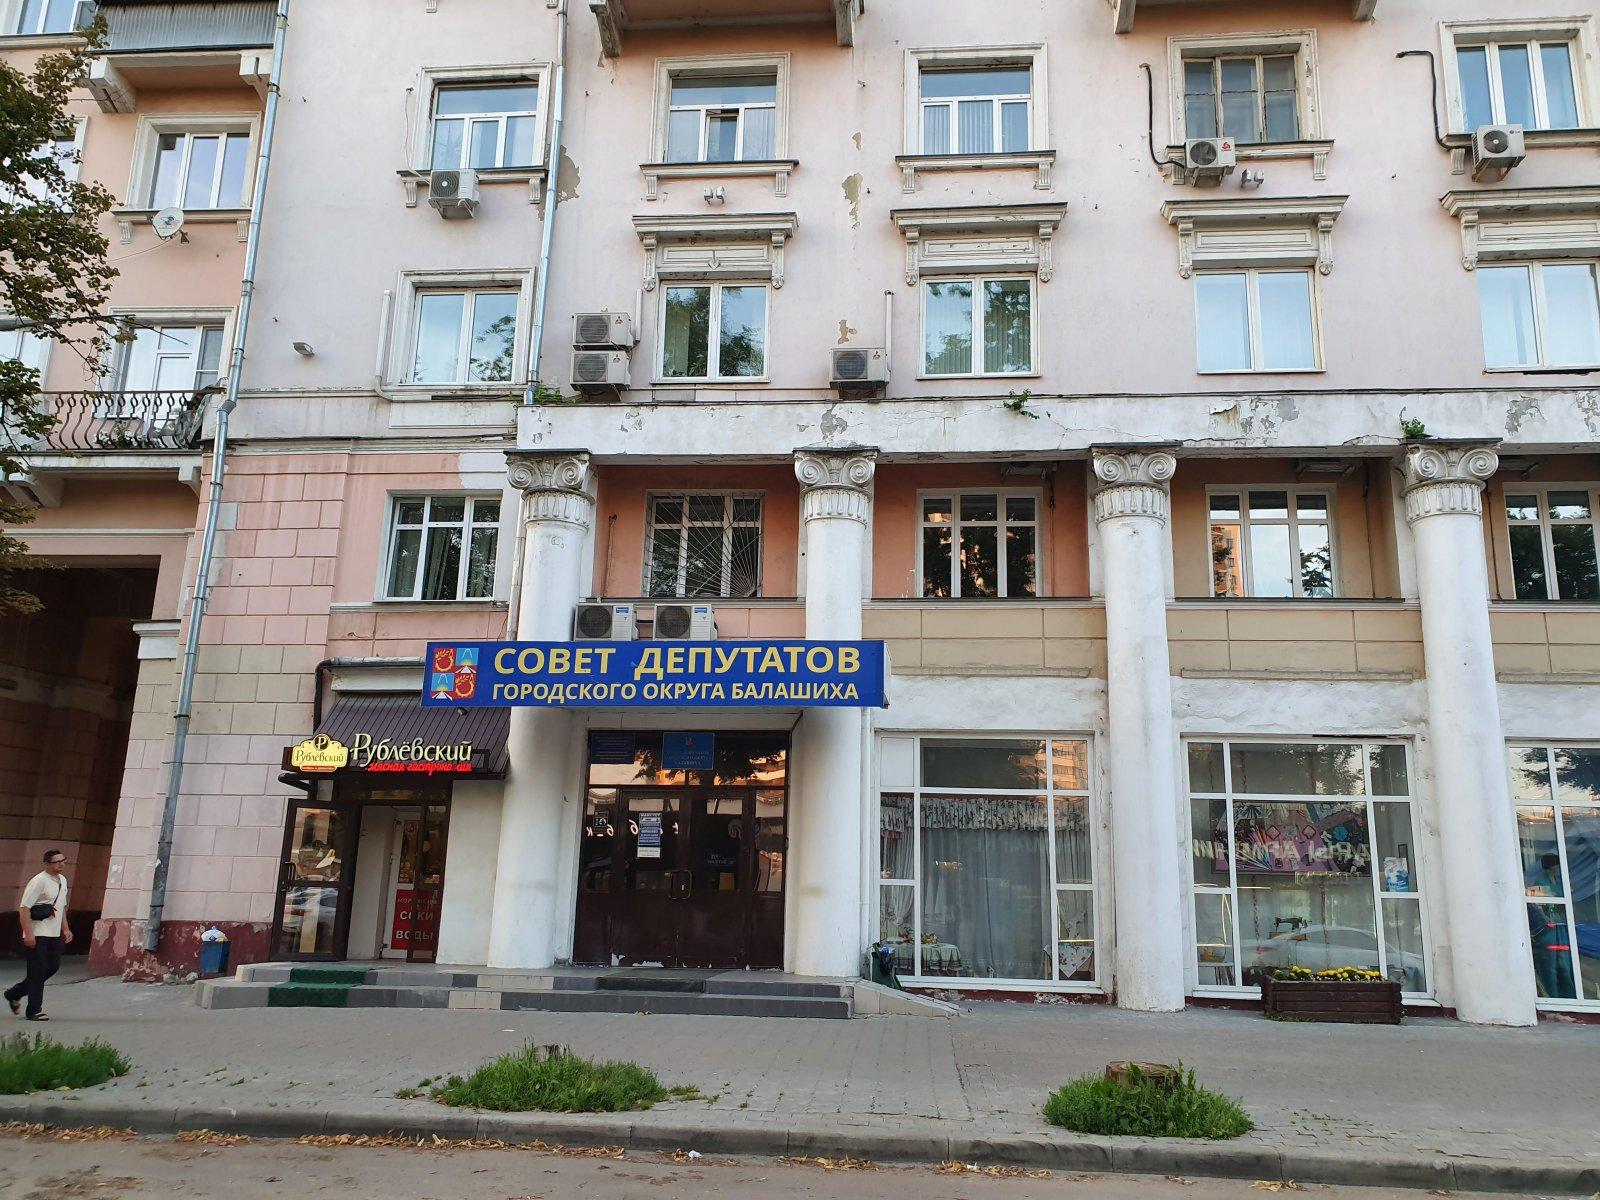 Совет депутатов городского округа Балашиха, Энтузиастов шоссе, 7 (3 этаж)